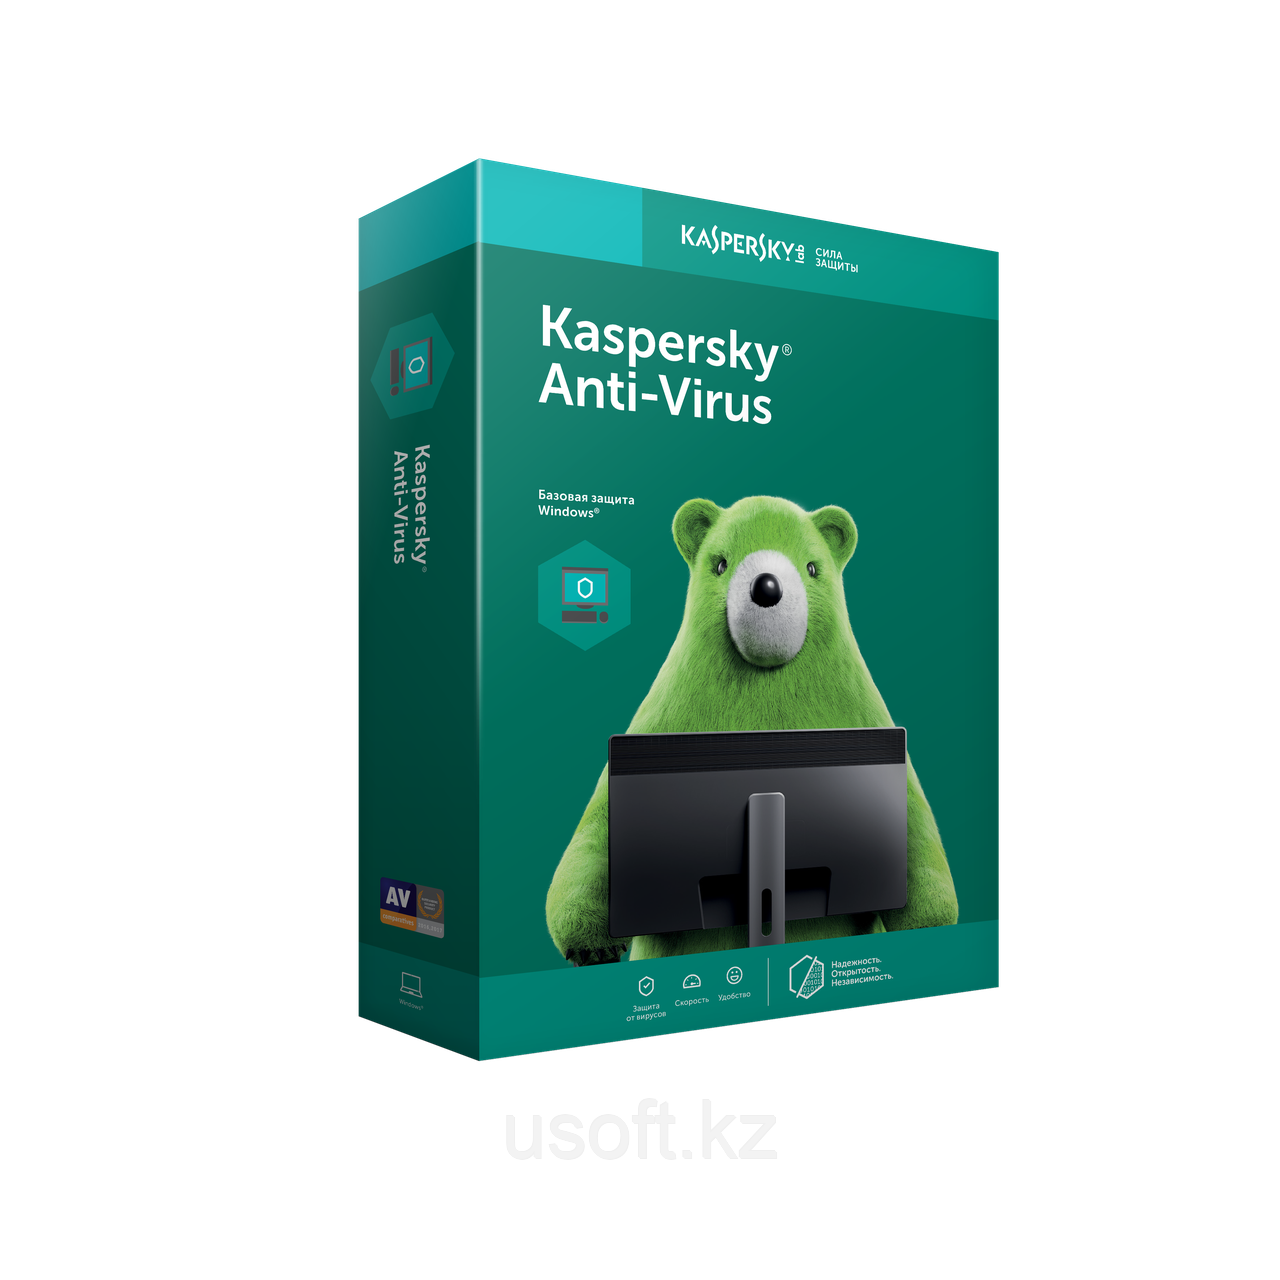 Антивирус Касперского 2019 / Kaspersky Anti-Virus 2019 (2 ПК / 1 год)